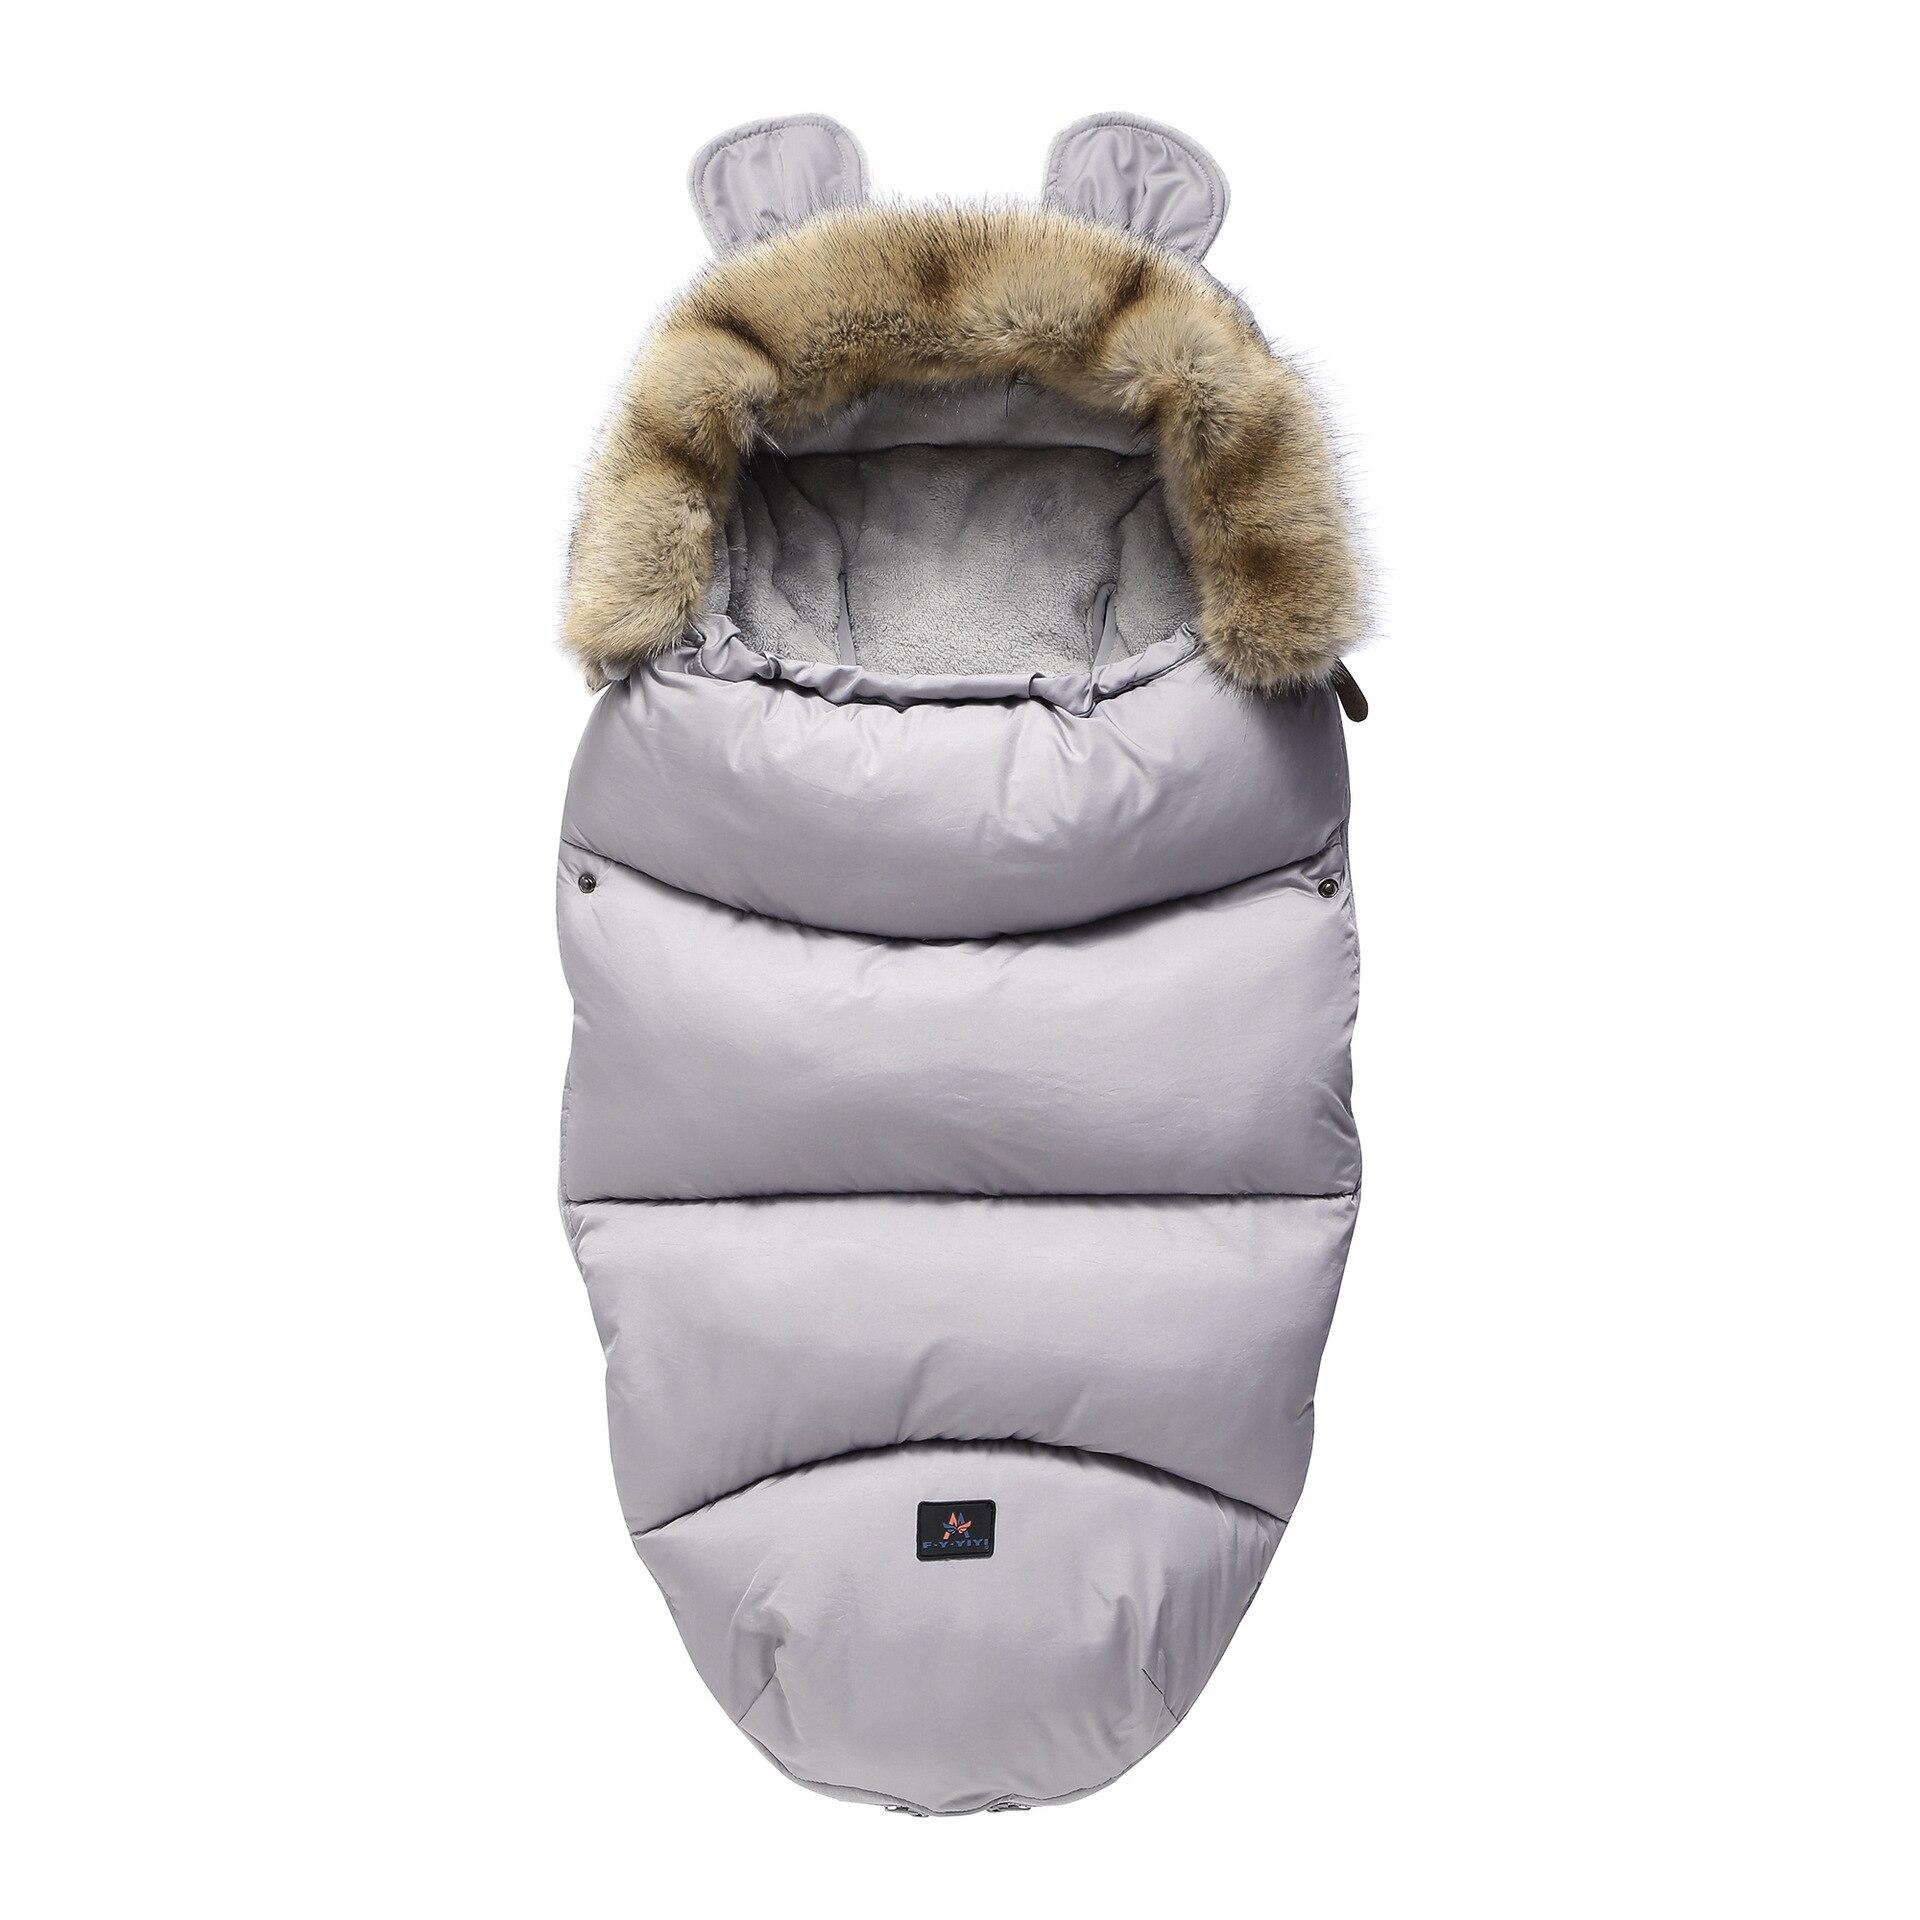 Зимние теплые спальные мешки для новорожденных, теплые спальные мешки для младенцев, пеленание для завёртывания для пеленания, коляска, обертывание, одеяло для сна, сумки - Цвет: gray